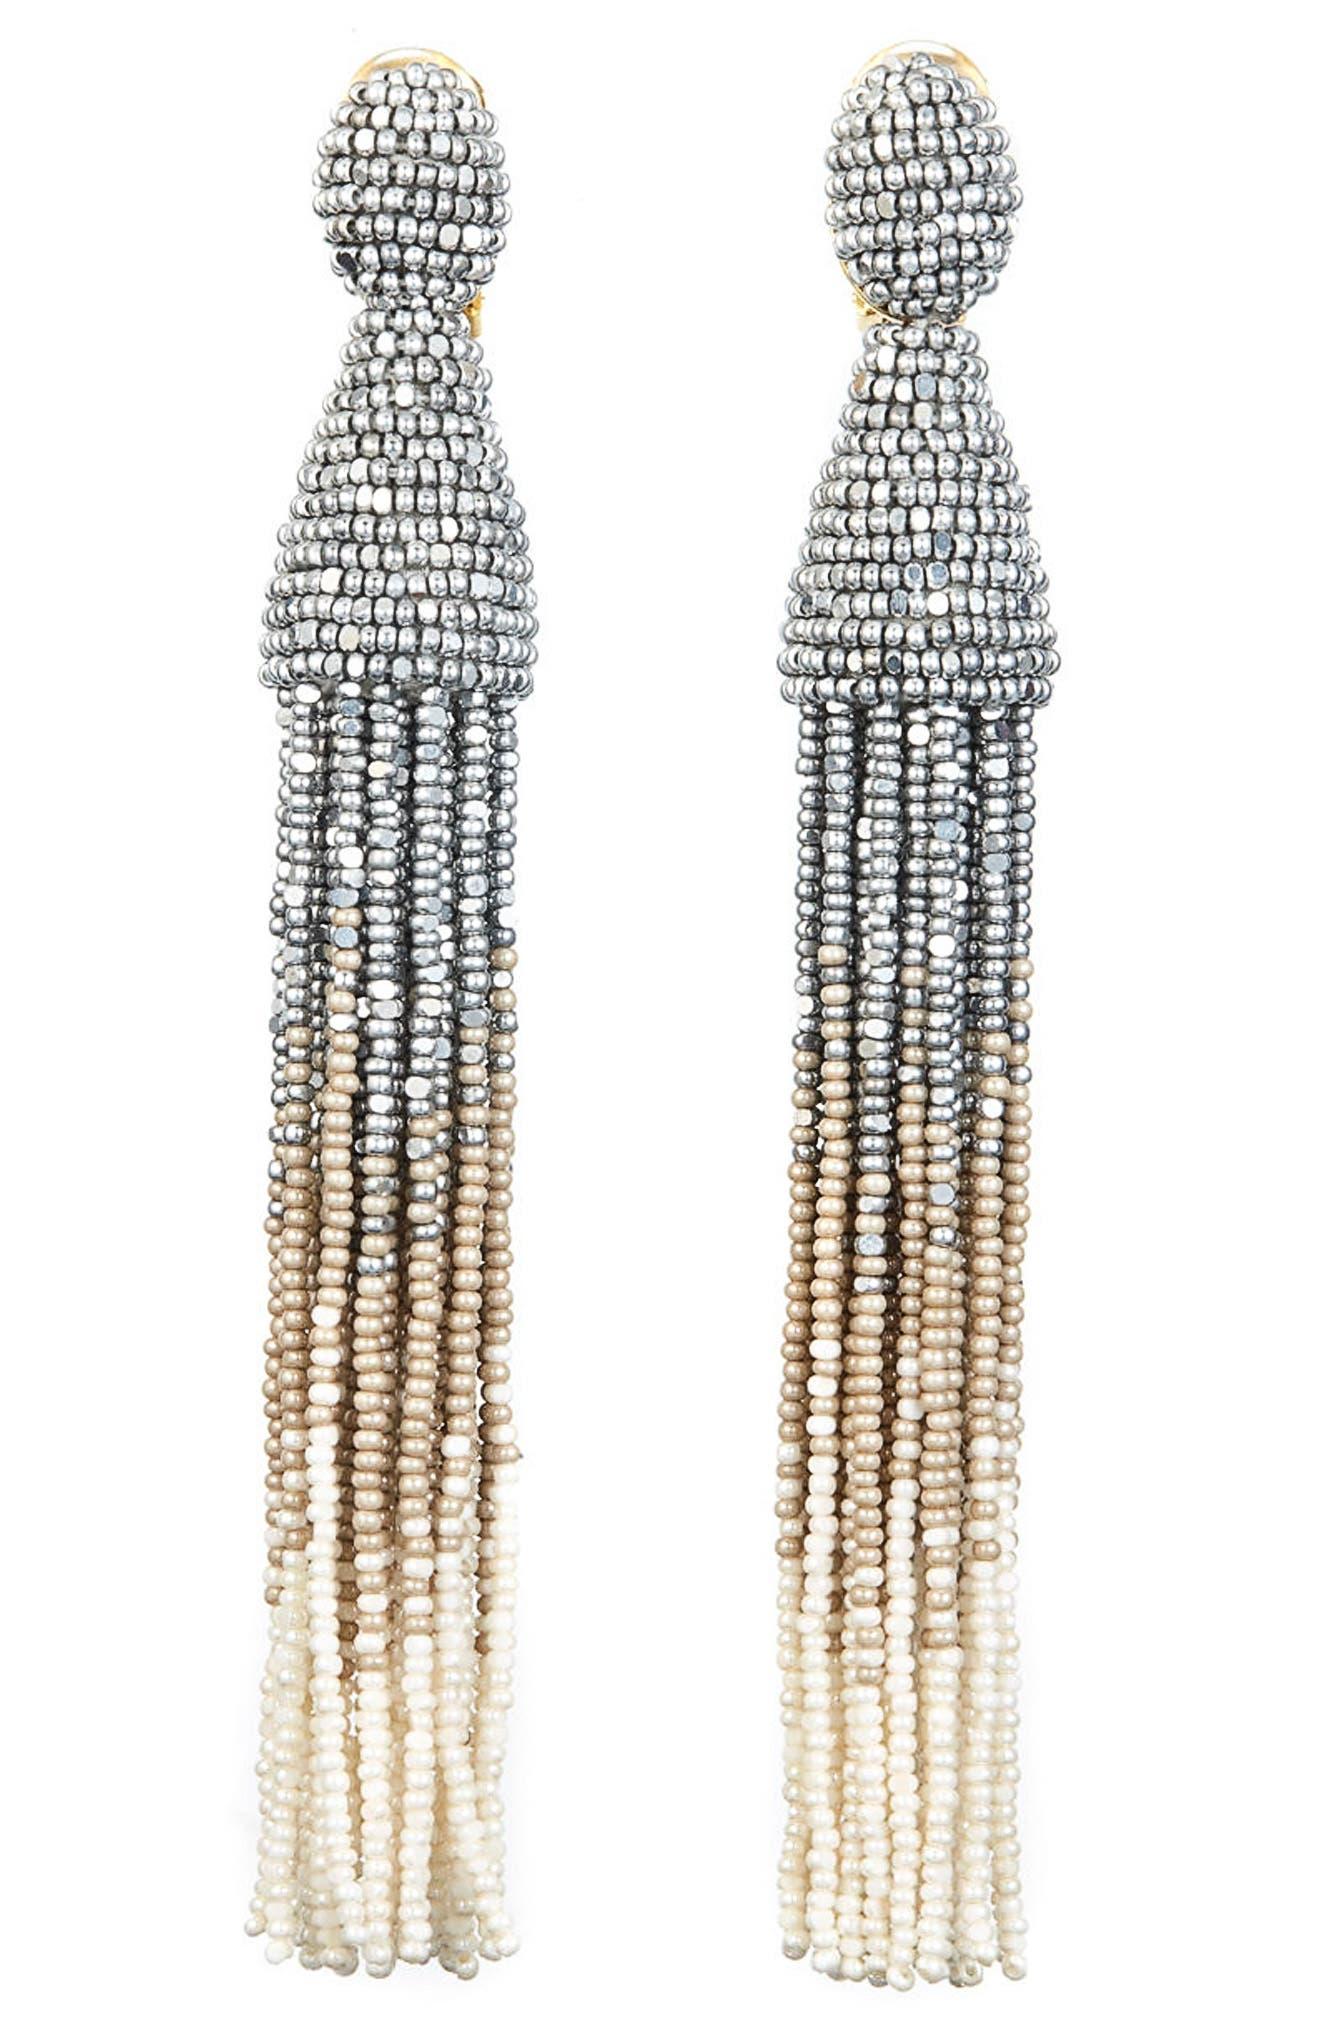 Alternate Image 1 Selected - Oscar de la Renta Ombré Long Tassel Clip Earrings